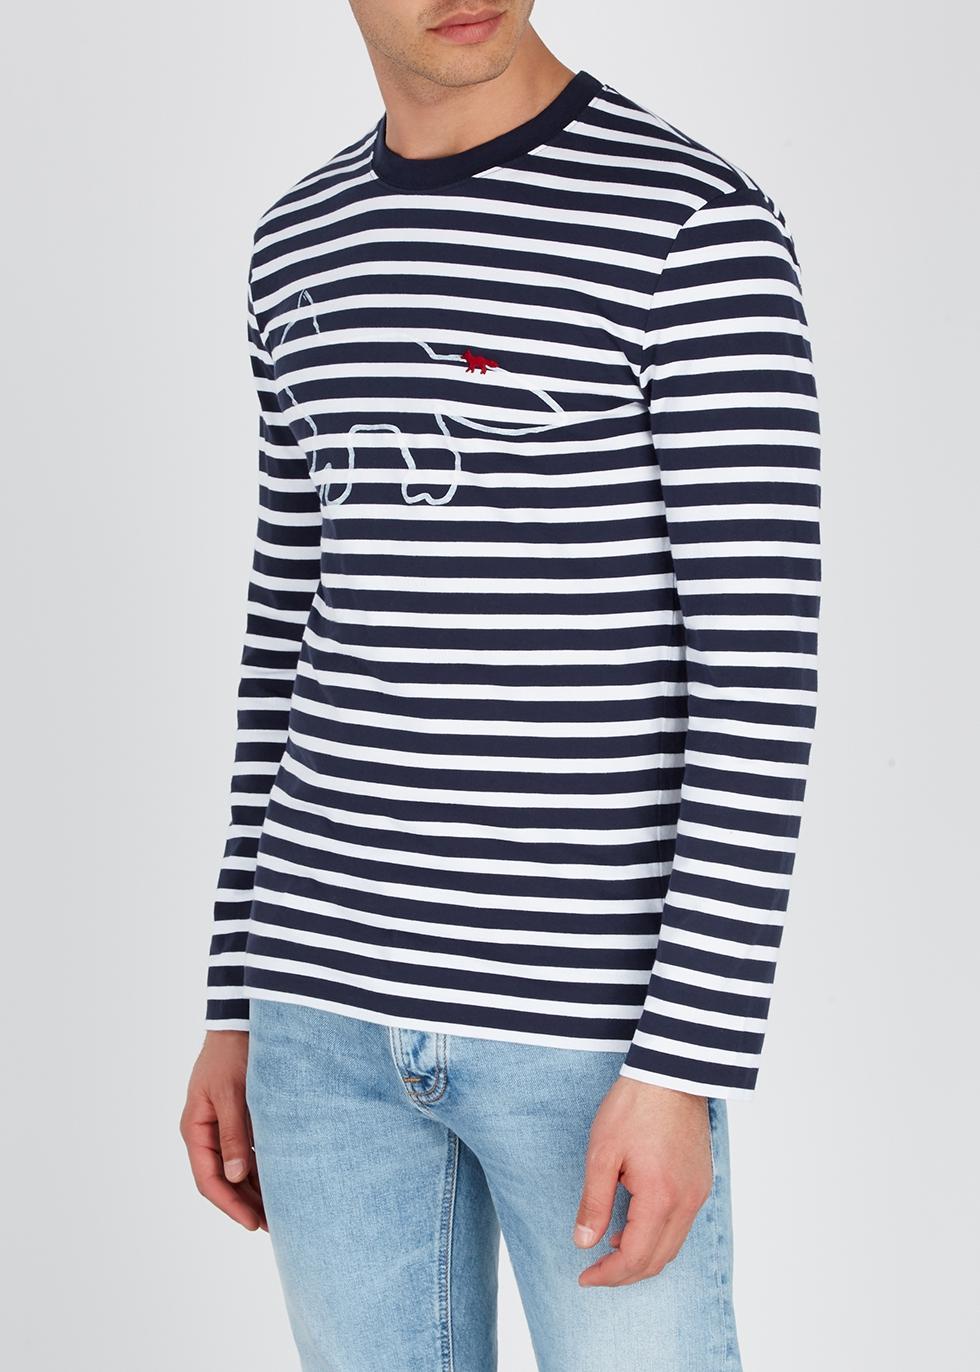 Striped logo-print cotton top - Maison Kitsuné